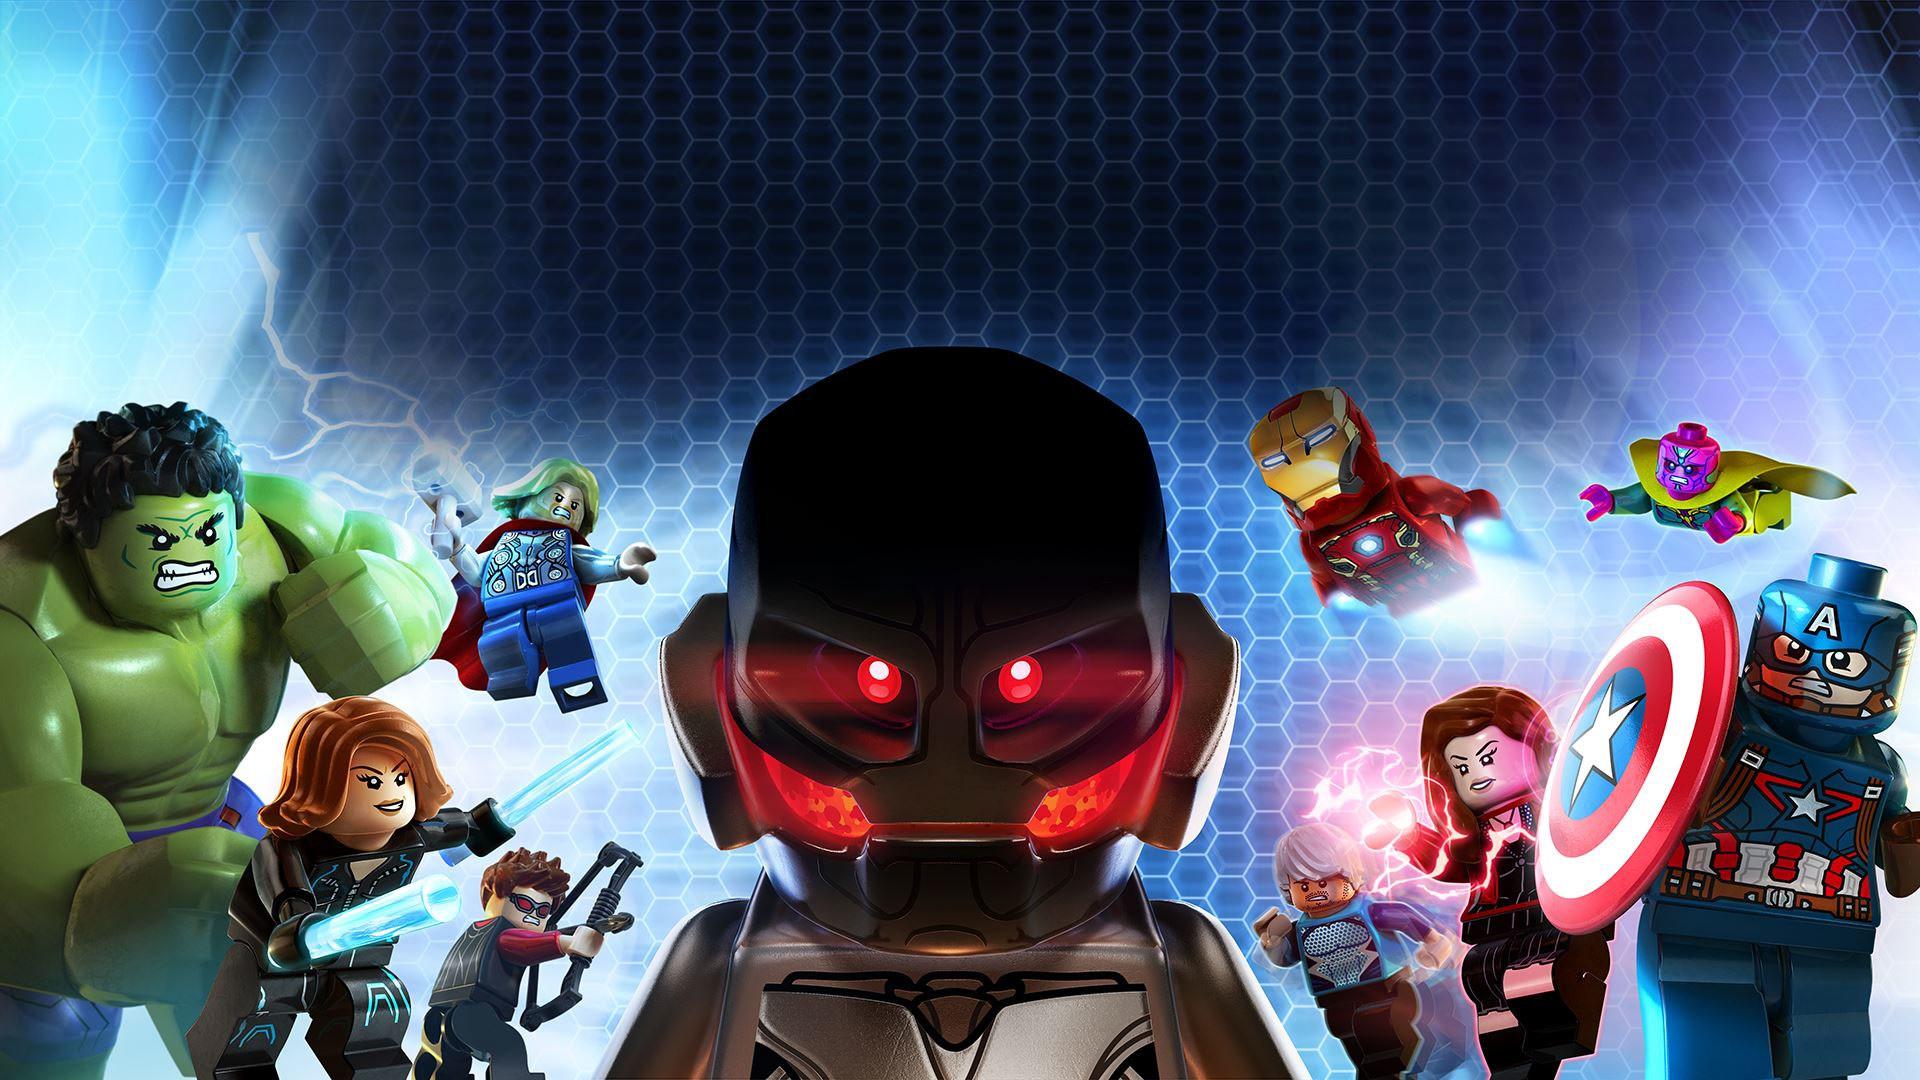 Lego Marvel's Avengers 4K Wallpaper   Lego Marvel's Avengers 1080p Wallpaper  …